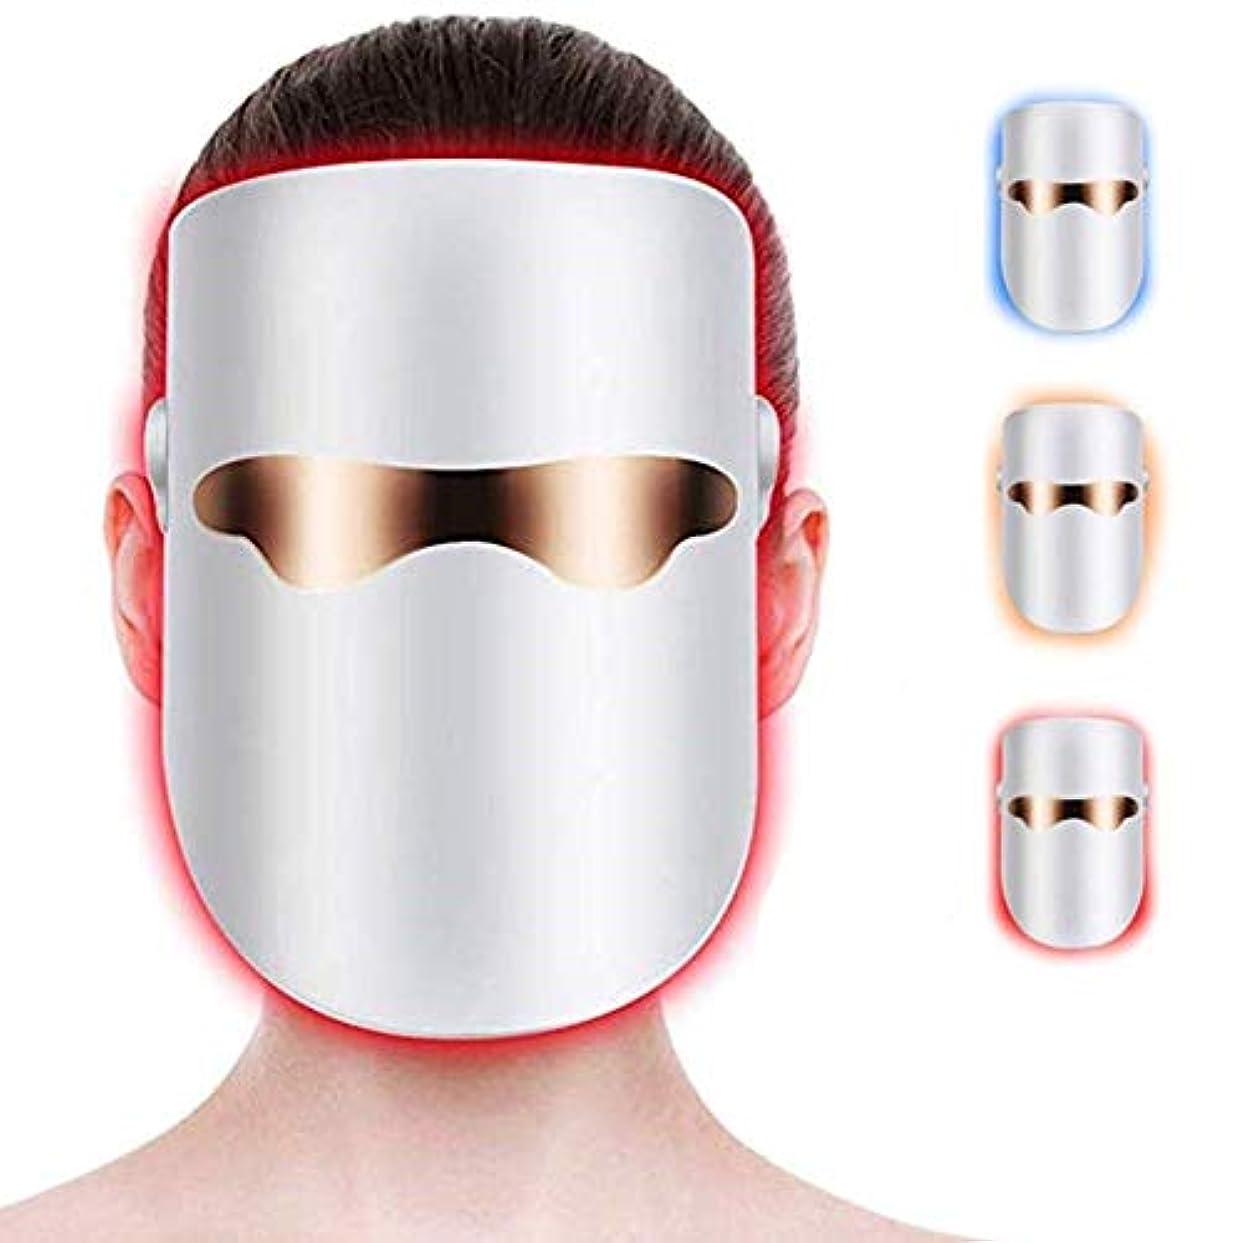 砲撃辞書イデオロギーLEDフォトンフェイスマスク、しわ用美容スキンケアマスク、にきびアンチエイジング